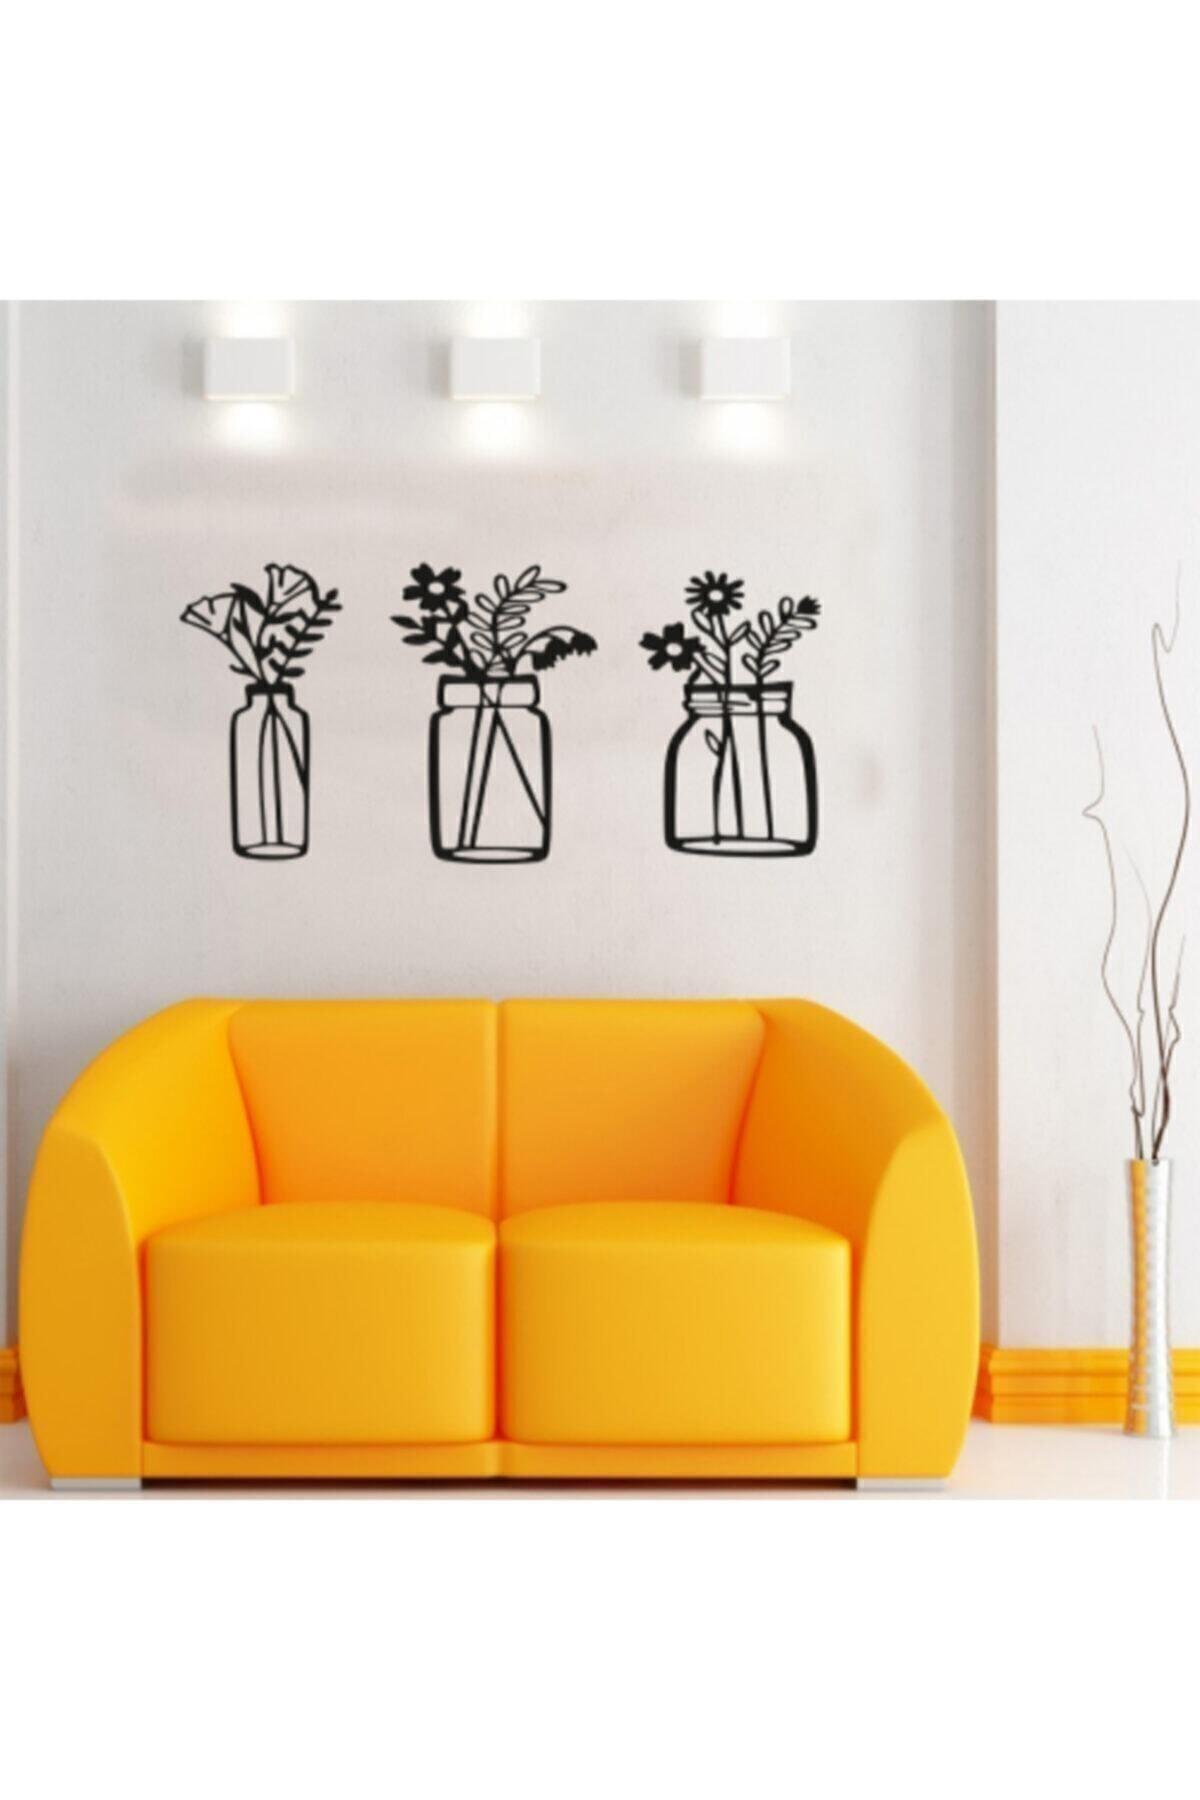 Bahar Çiçekleri Üçlü Set Duvar Dekoru Kavanoz Duvar Süsü, Ahşap Lazer Kesim Dekoratif Tablo Siyah